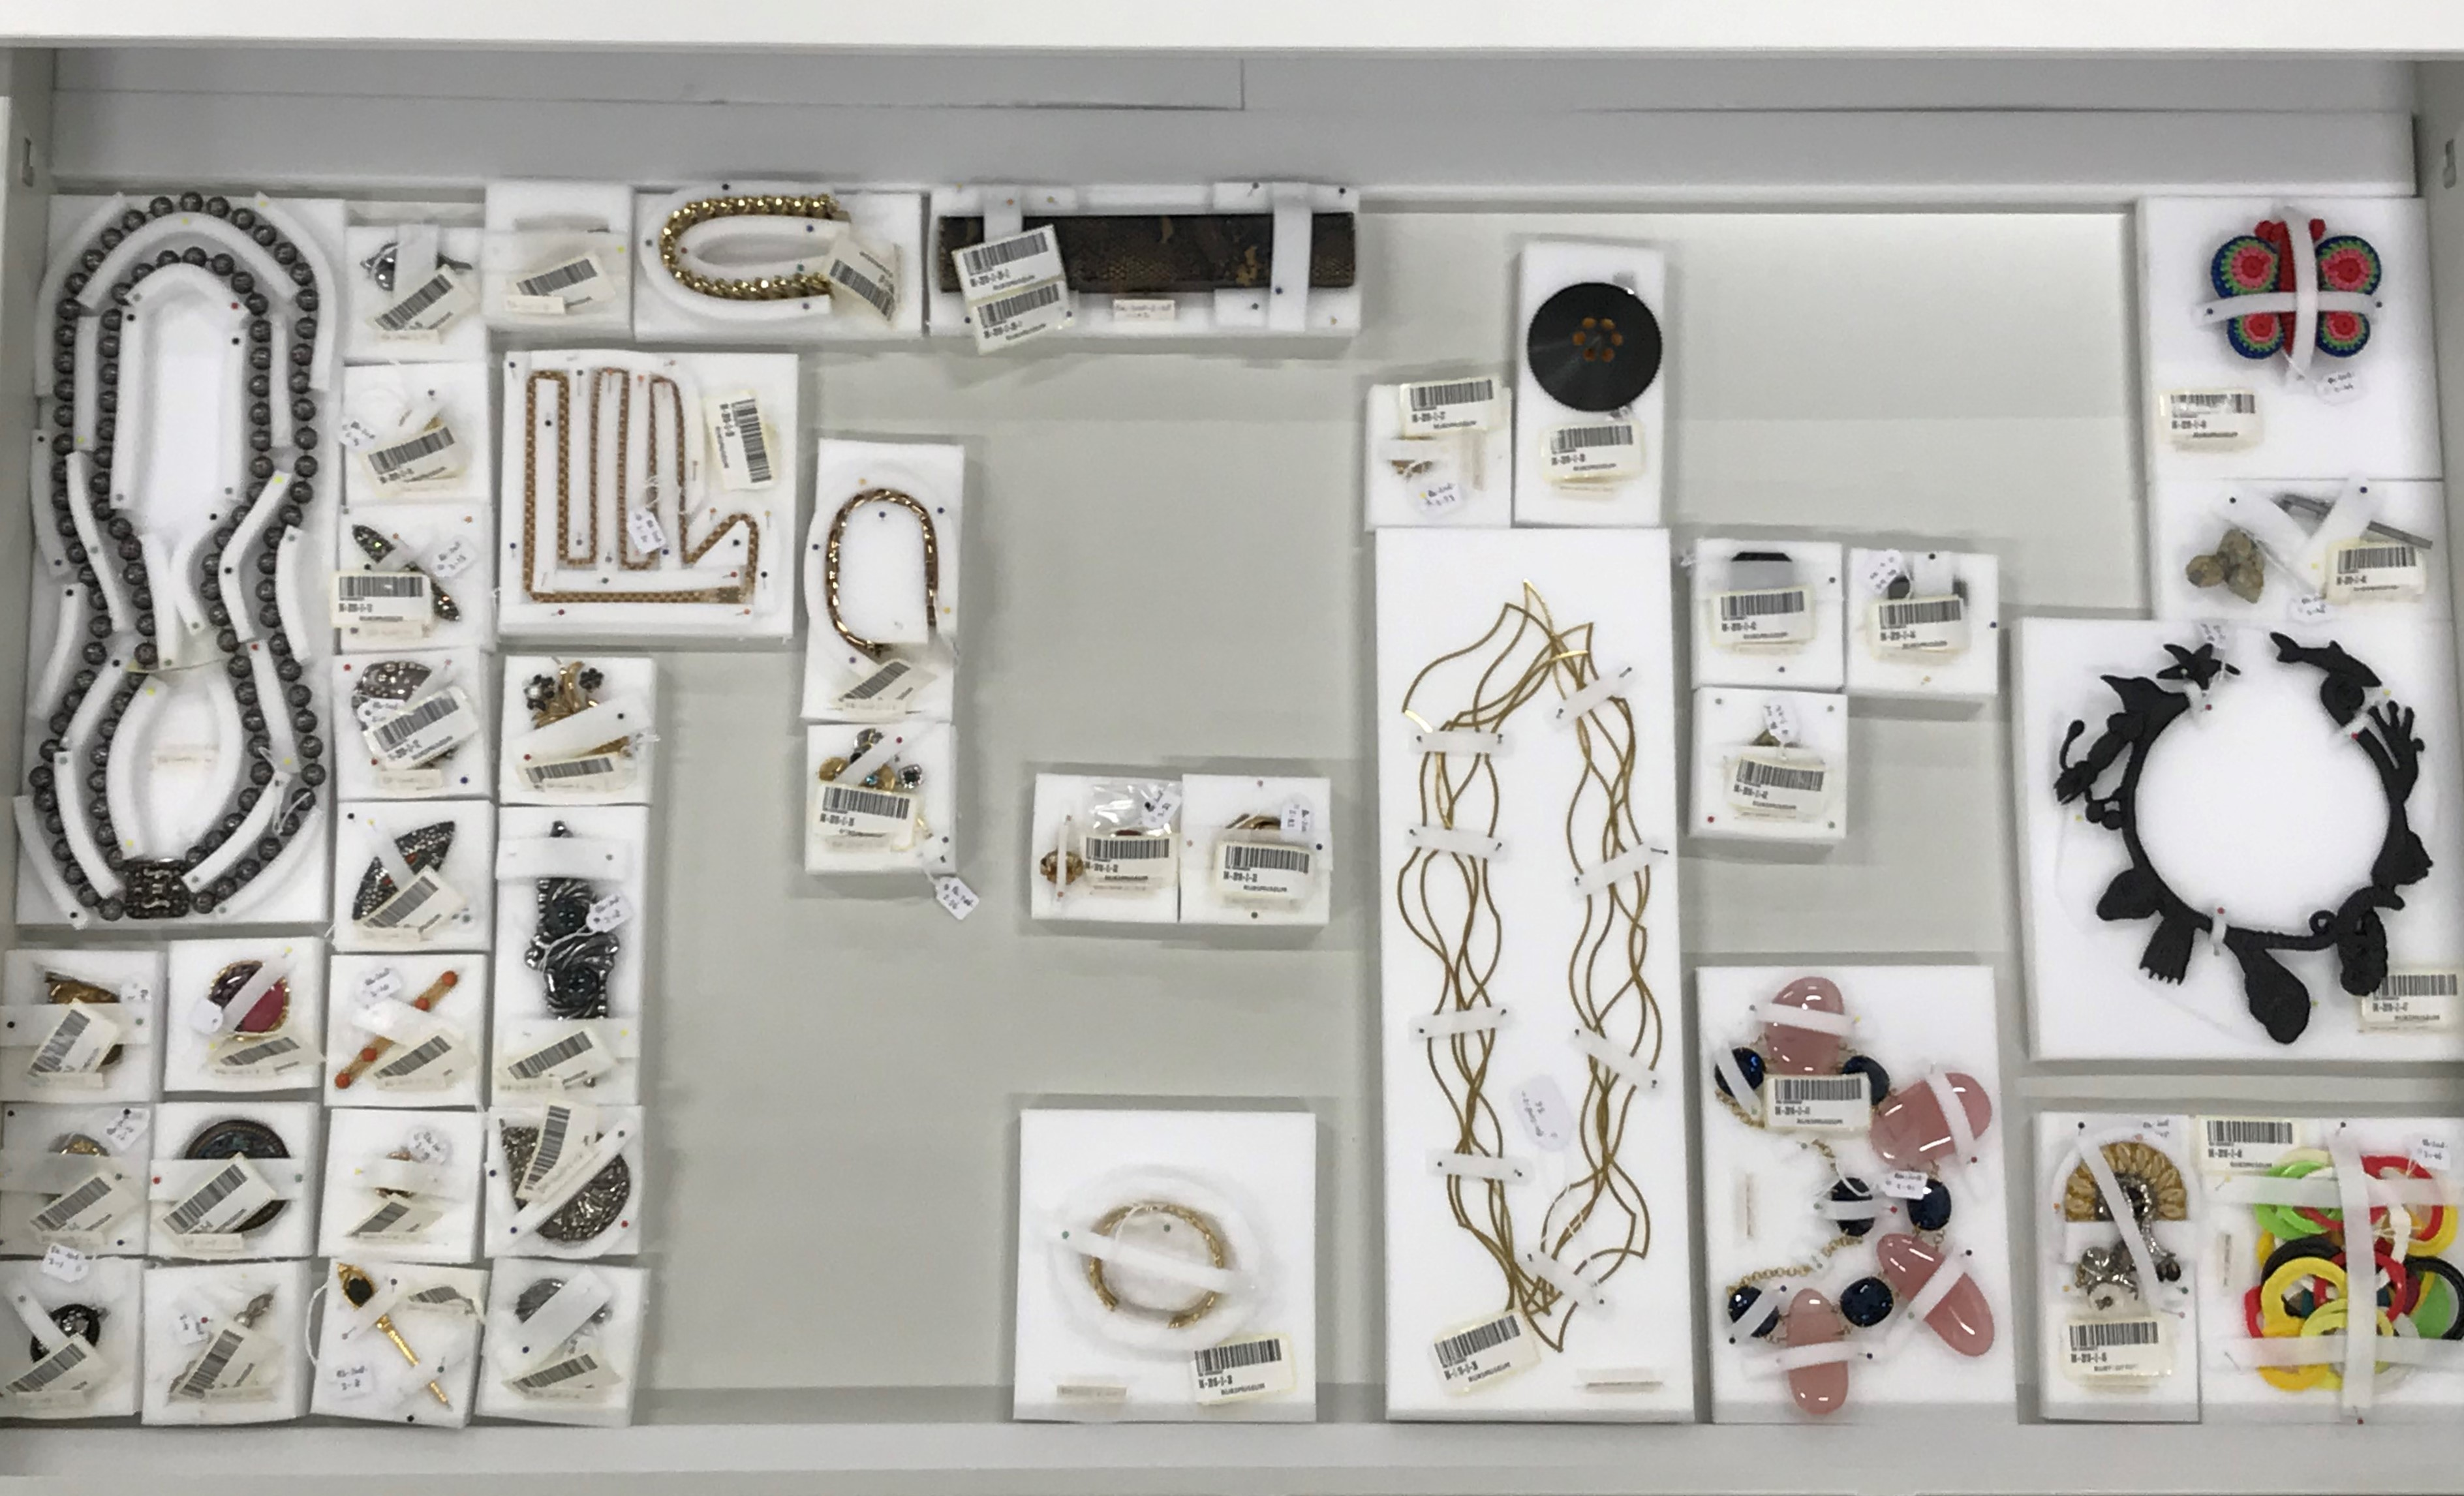 Marjan Unger collectie in het depot van het Rijksmuseum. Foto Wim Hoeben, broches, halssieraden, Karin Seufert, Annelies Planteijdt, Philip Sajet